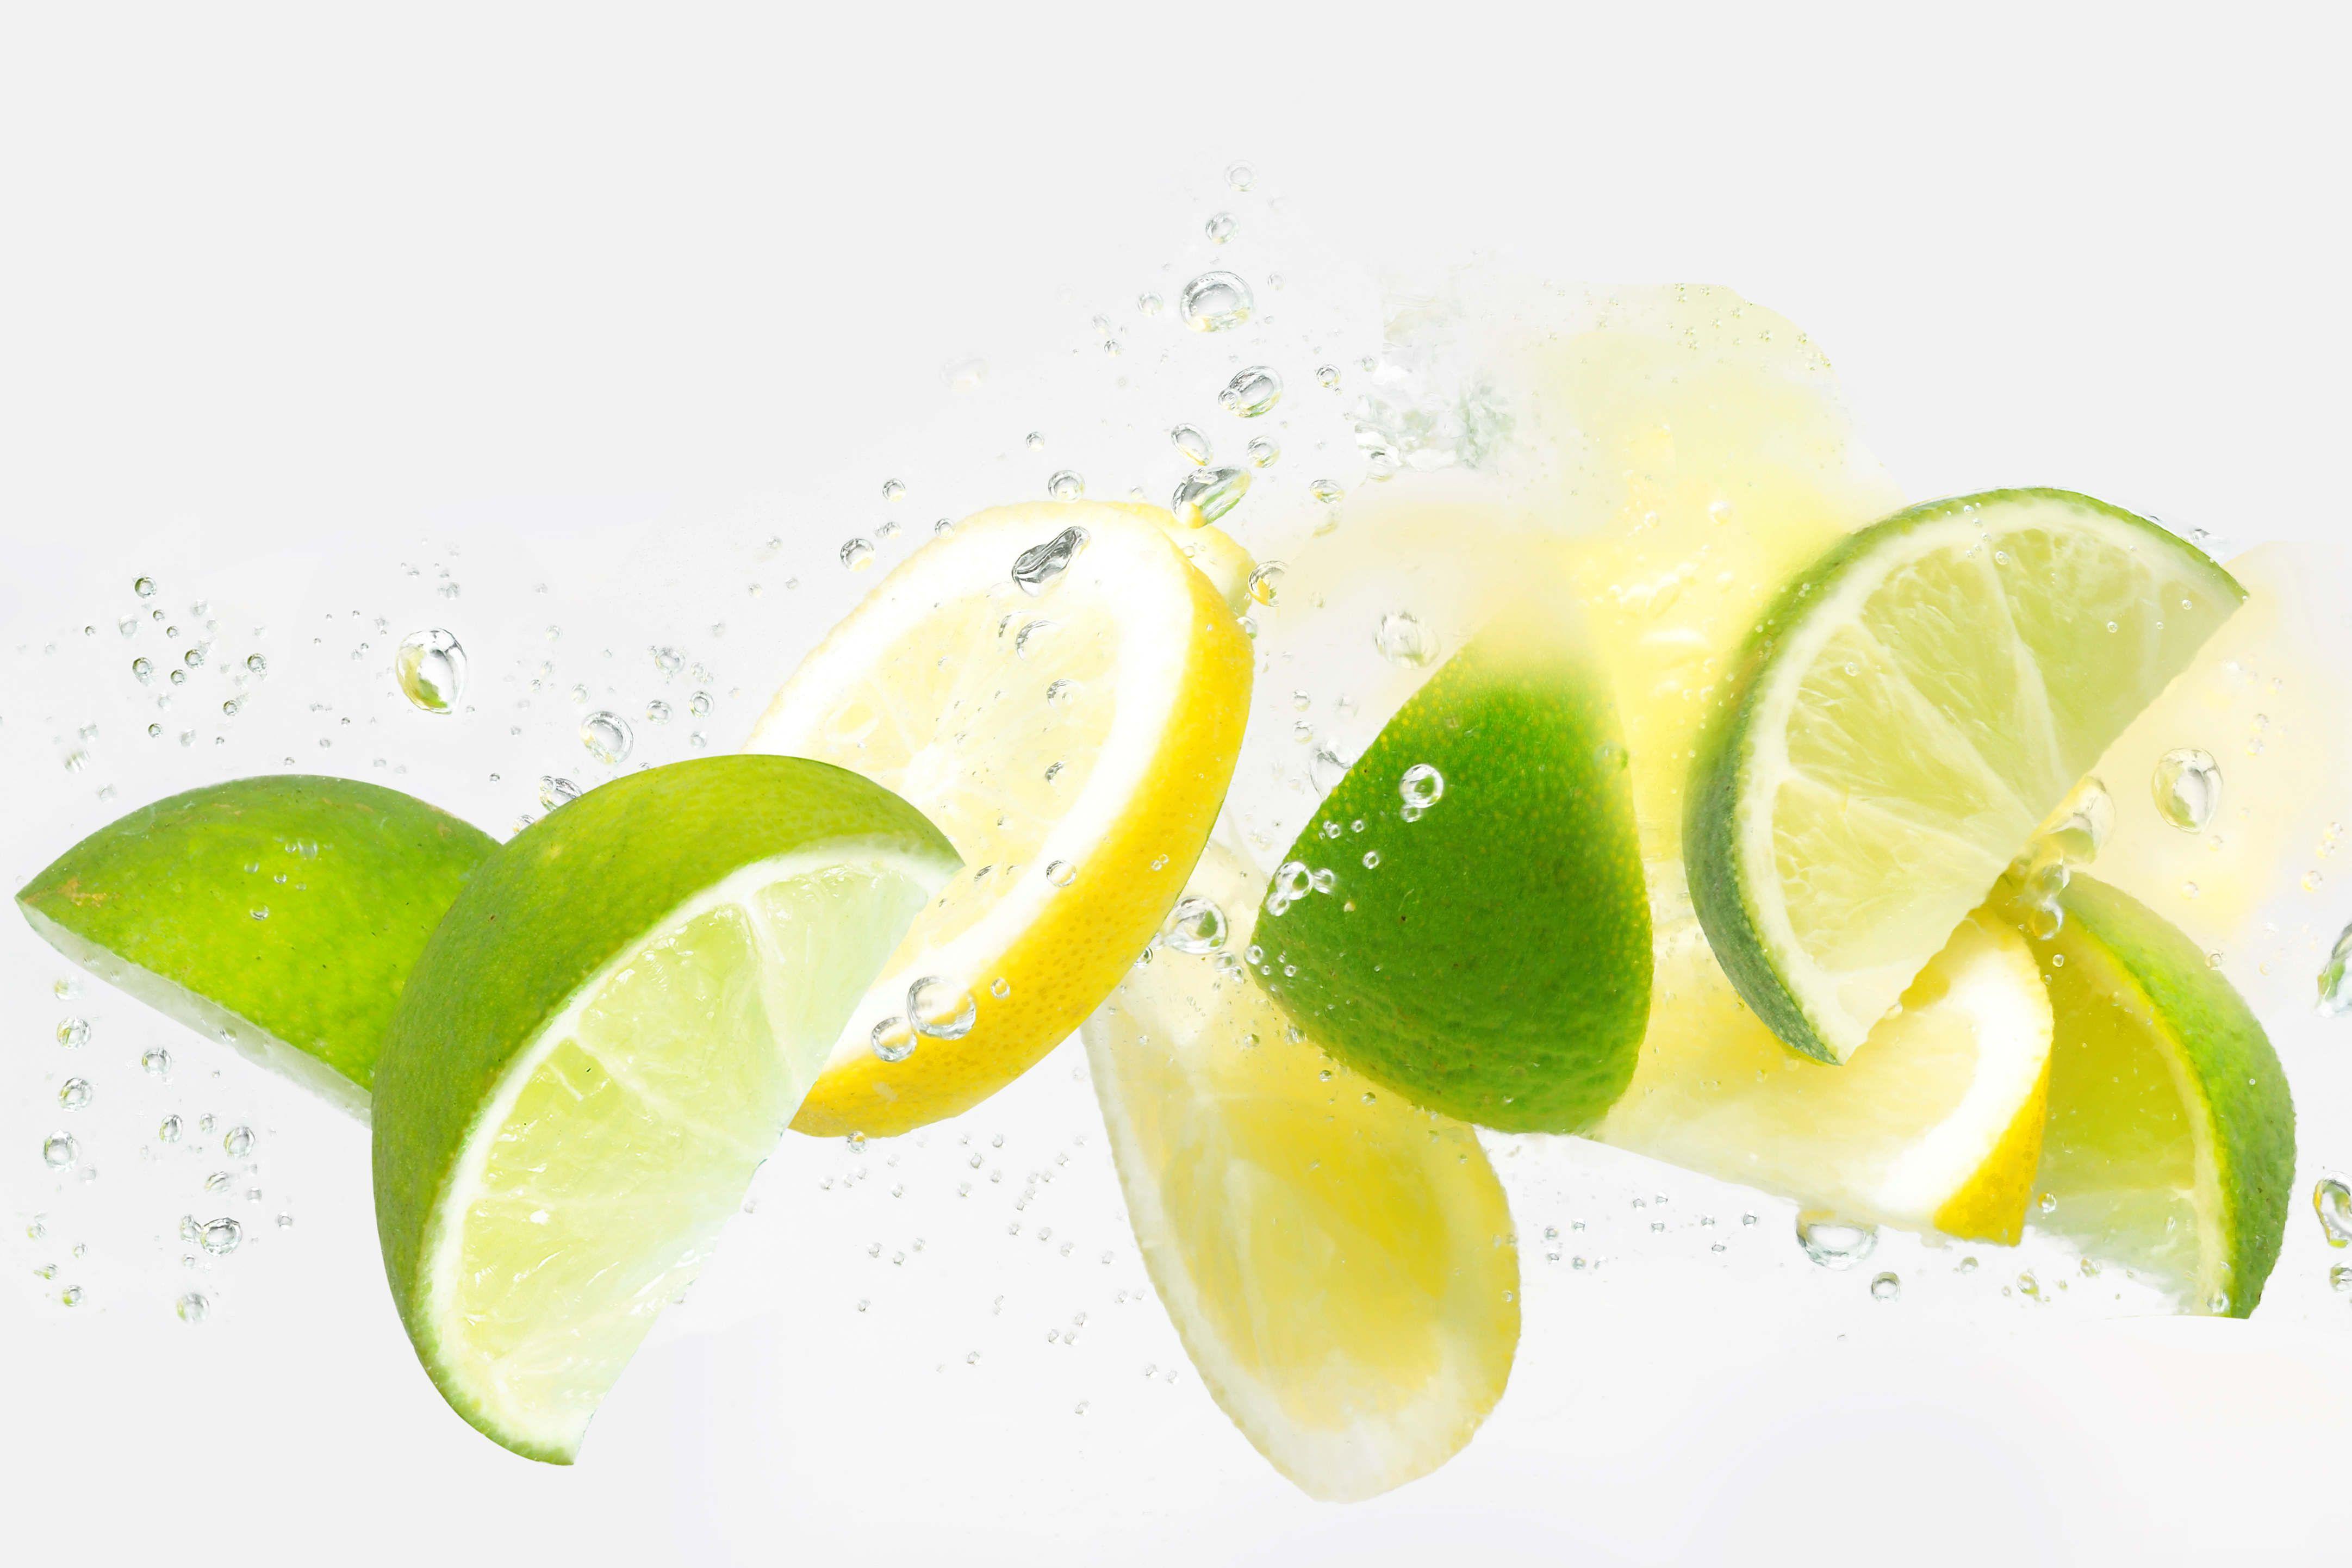 Homemade Clean Everything Lemon Lime Spray